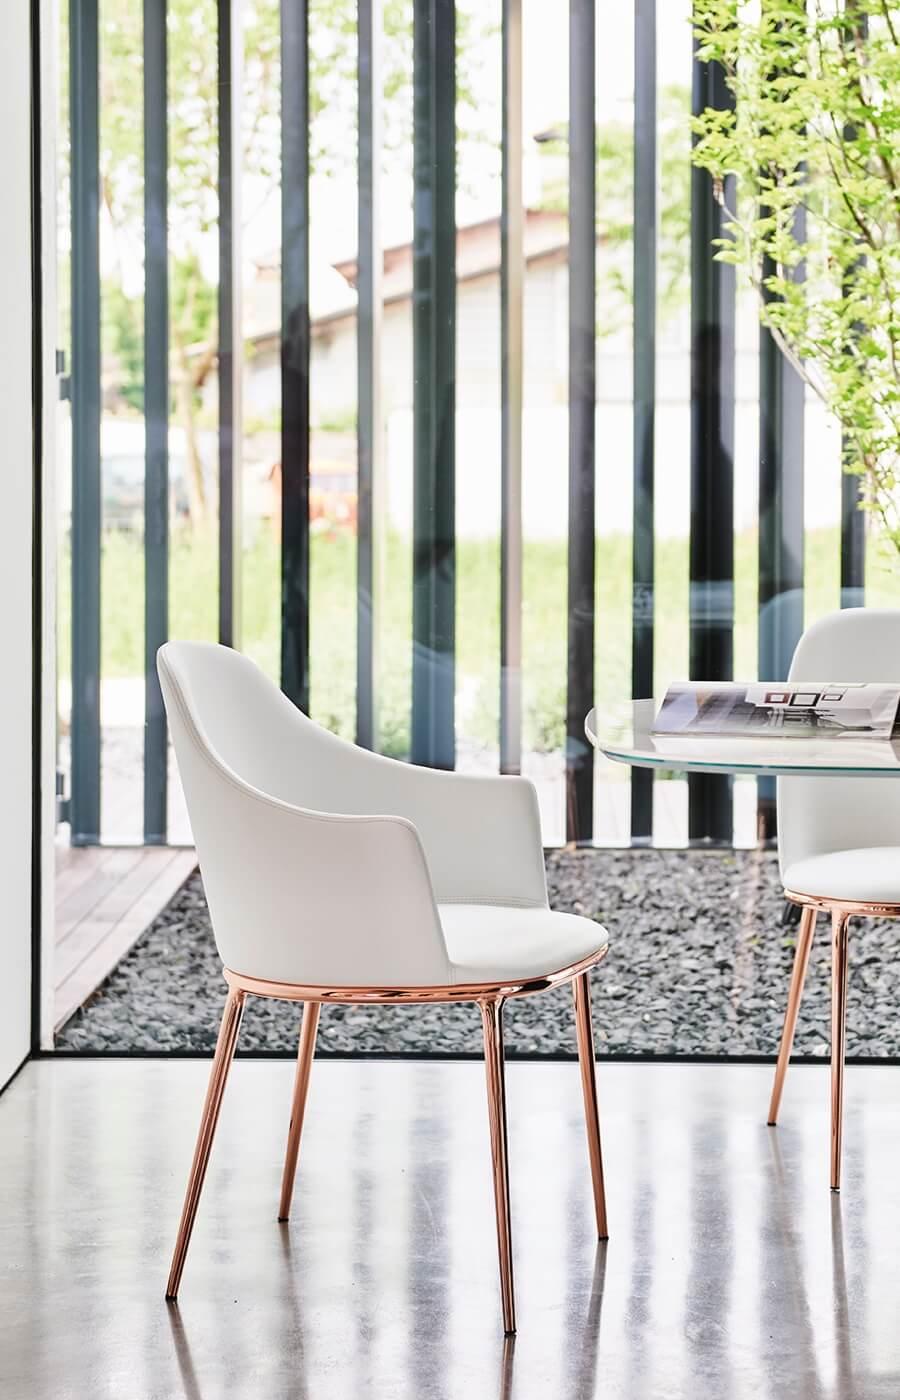 Poltroncina Lea, design Paolo Vernier.